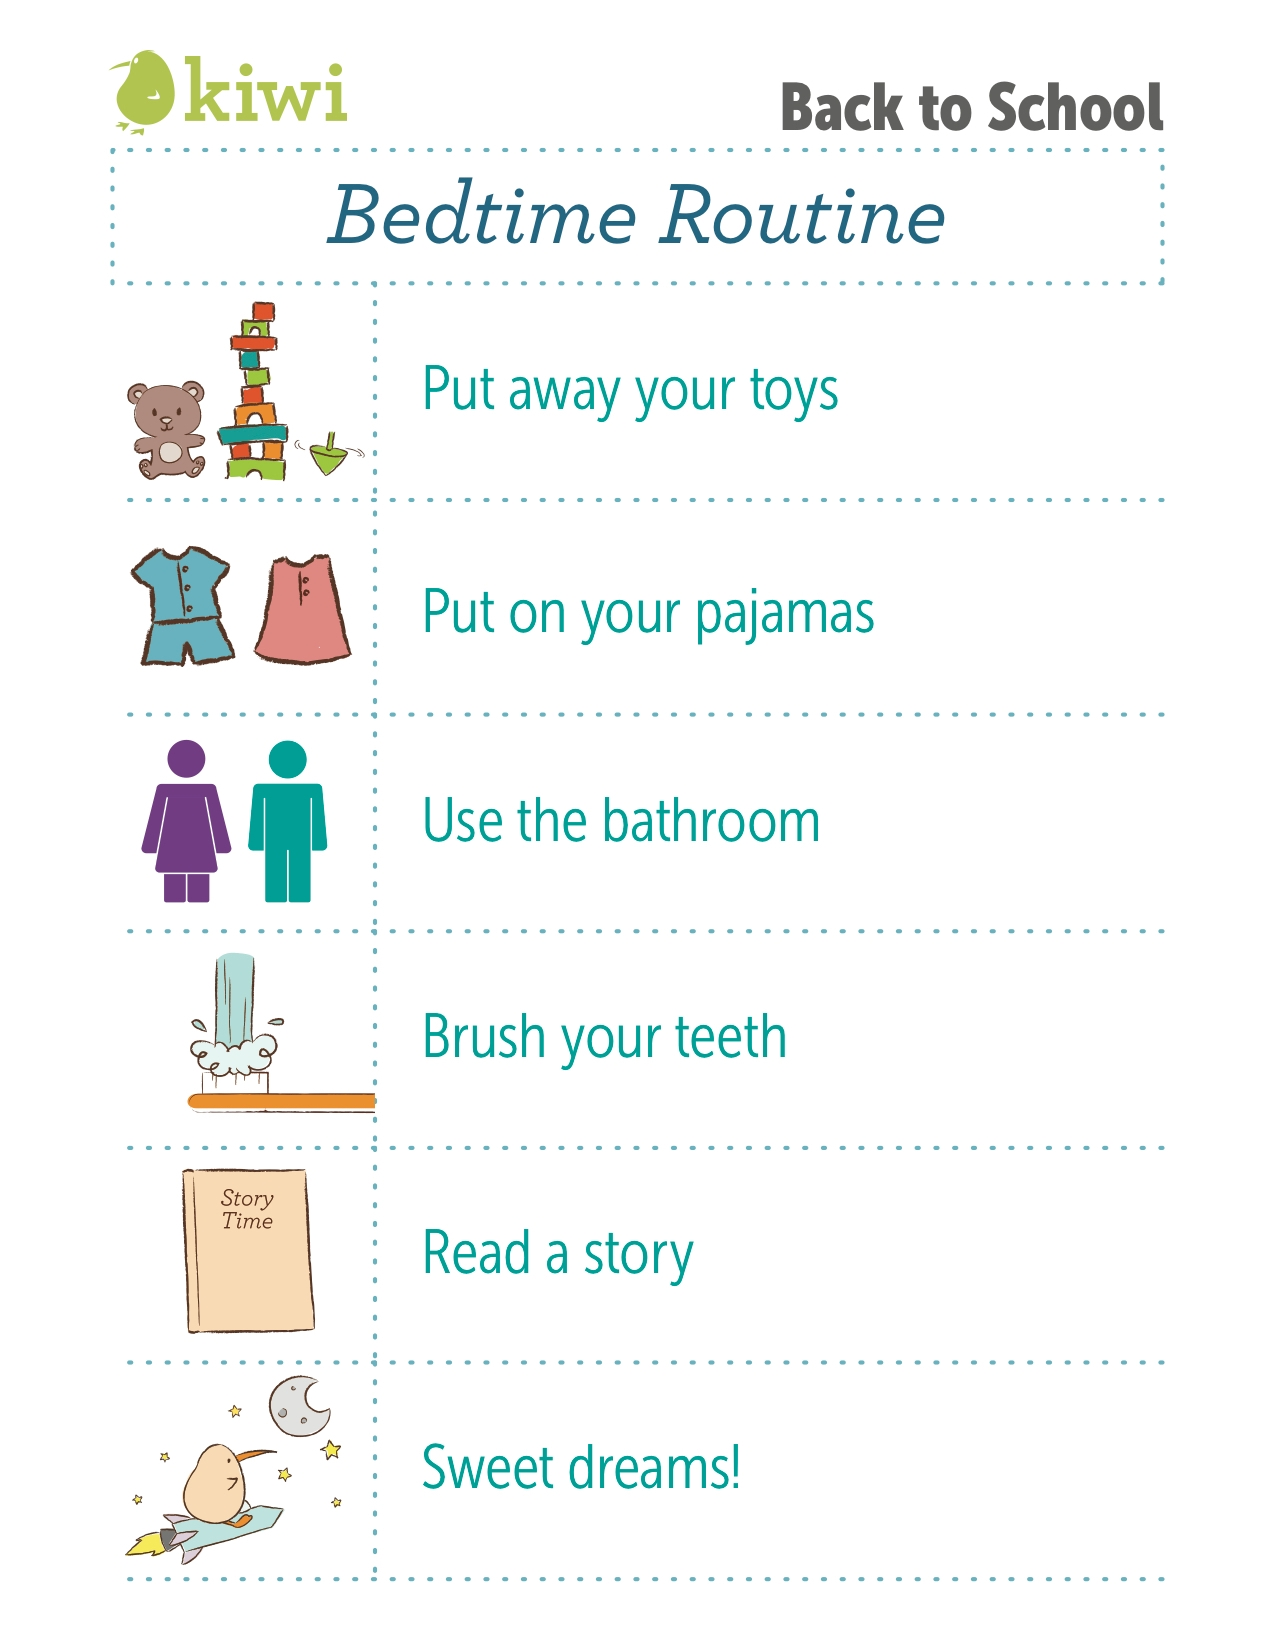 BTS_KiwiCrate_bedtime_routine_(1).jpg